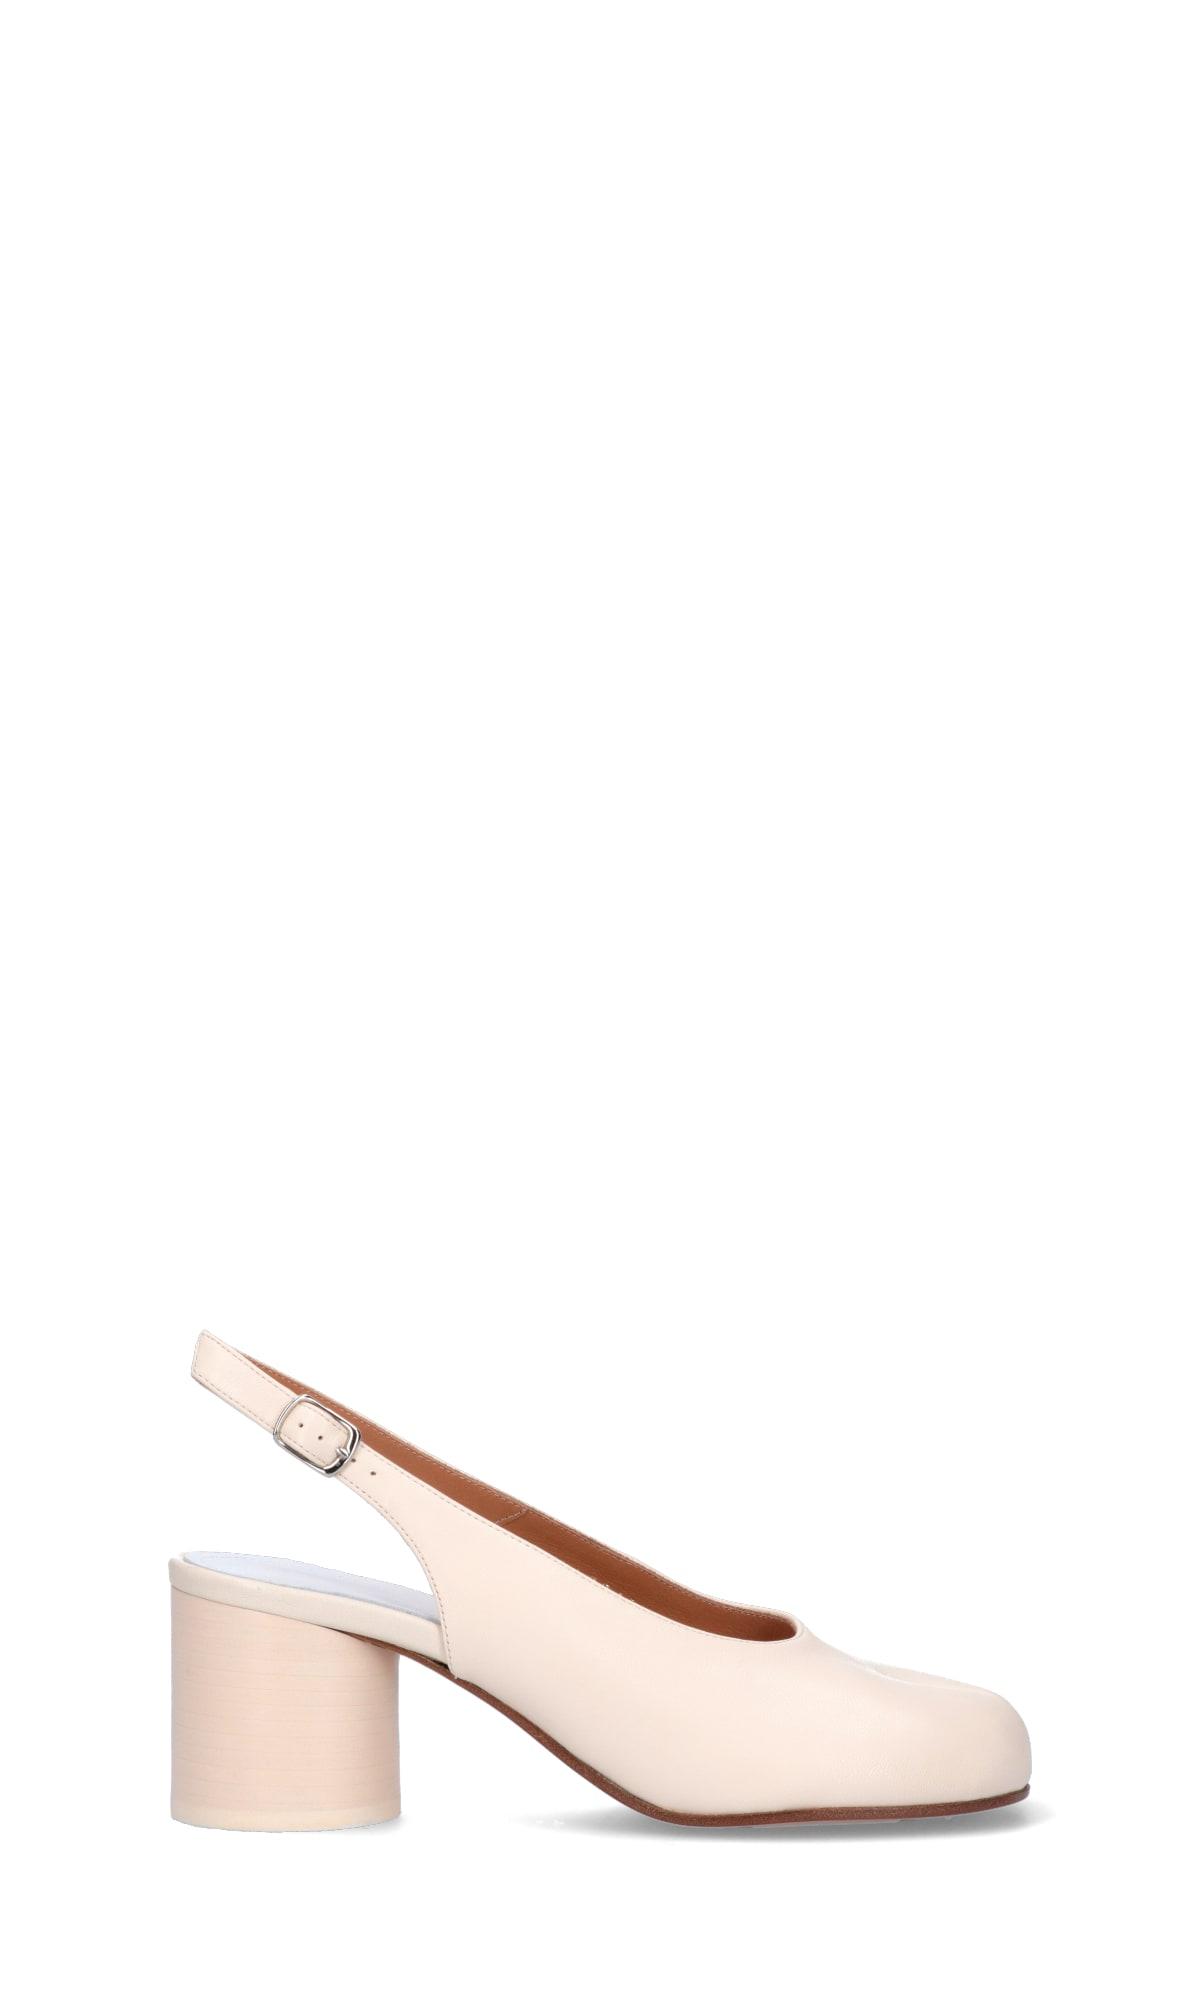 Buy Maison Margiela High-heeled shoe online, shop Maison Margiela shoes with free shipping